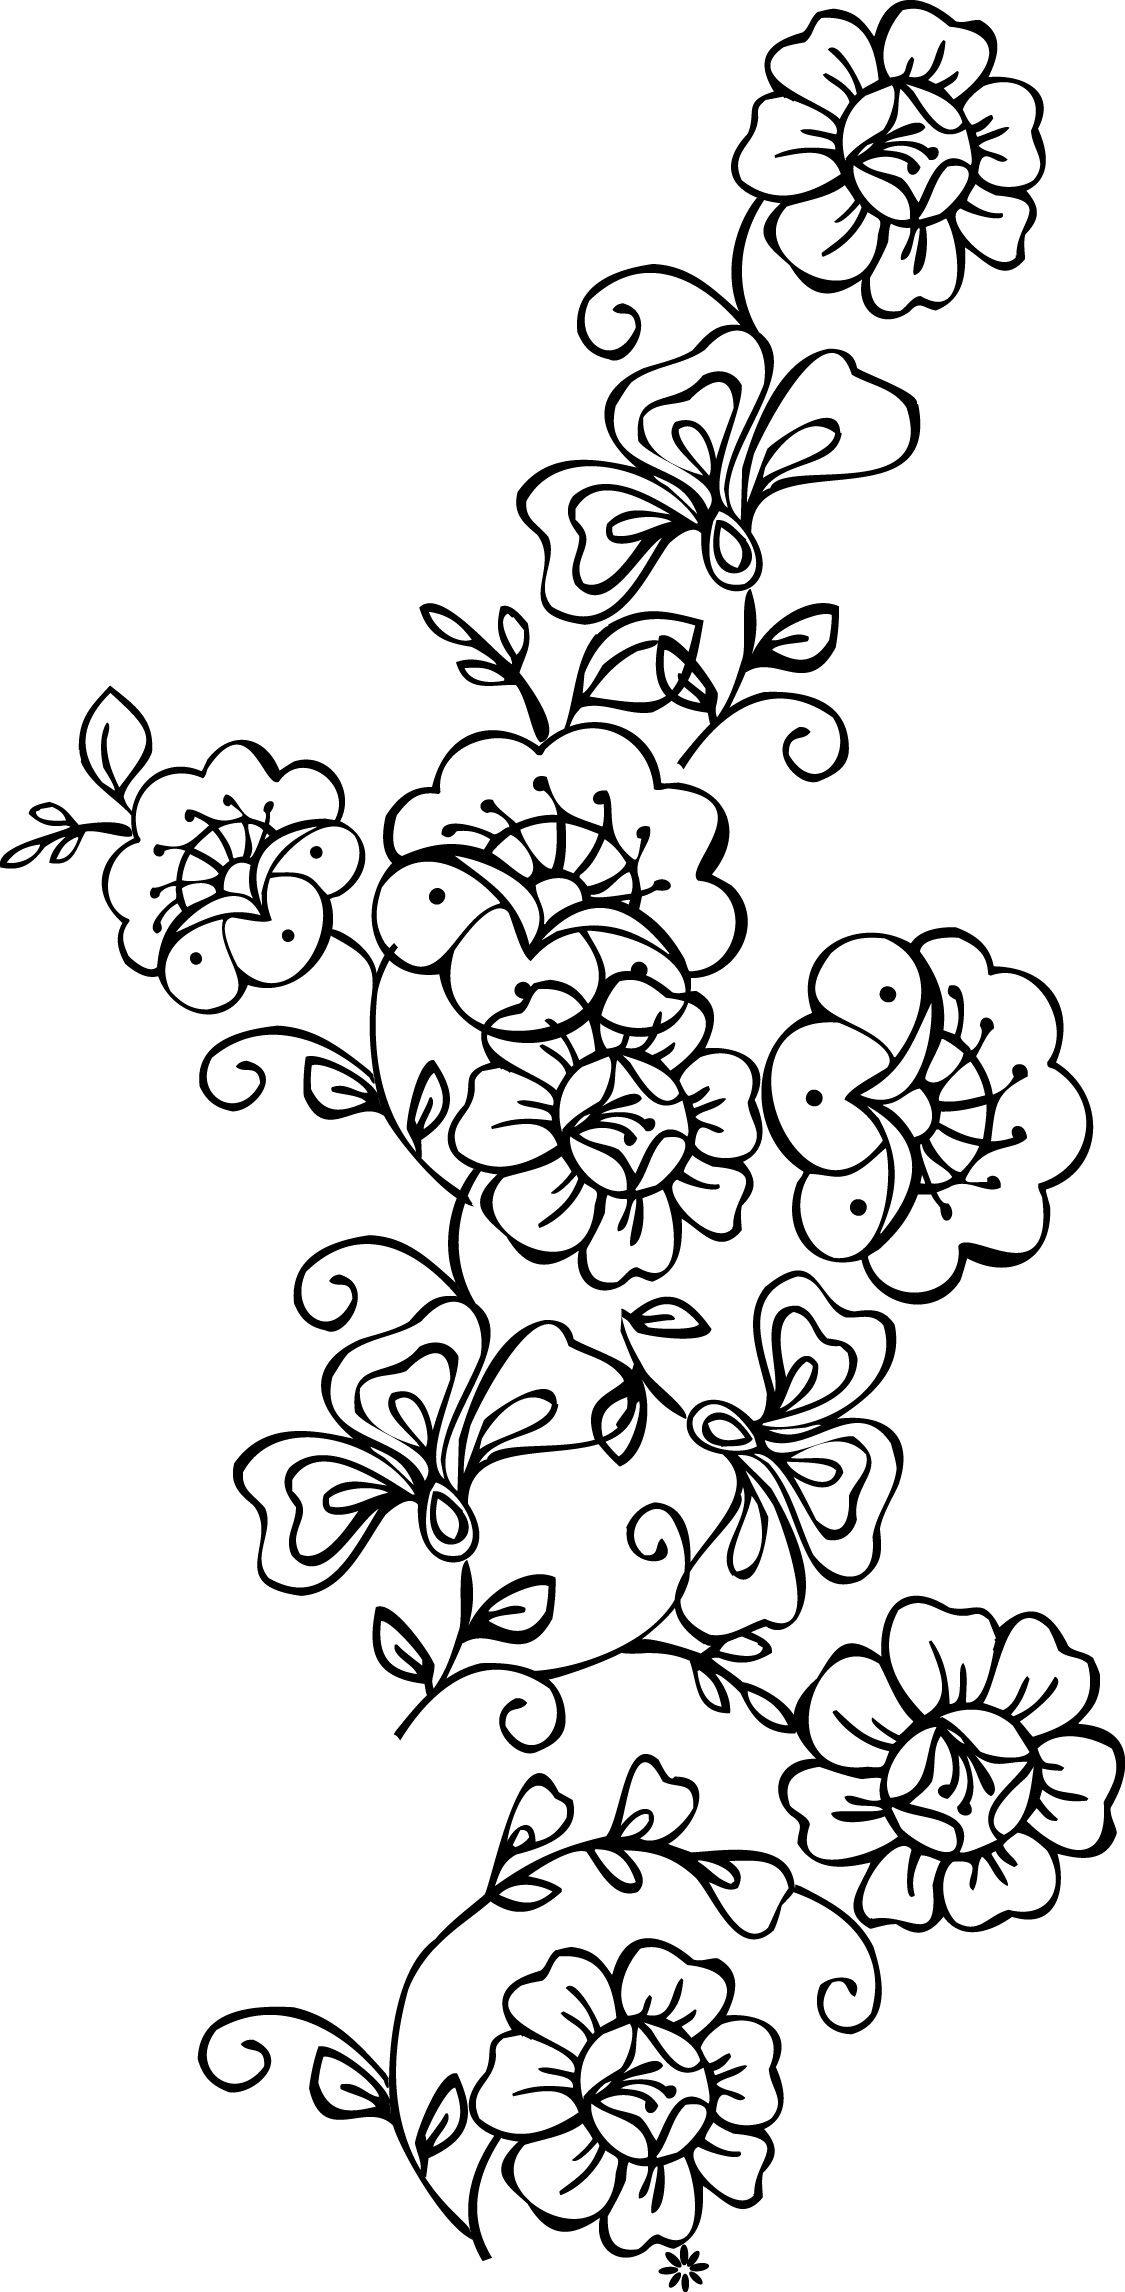 Free Printable Stencils Of Trees   Stencils Designs Free Printable - Free Printable Stencils